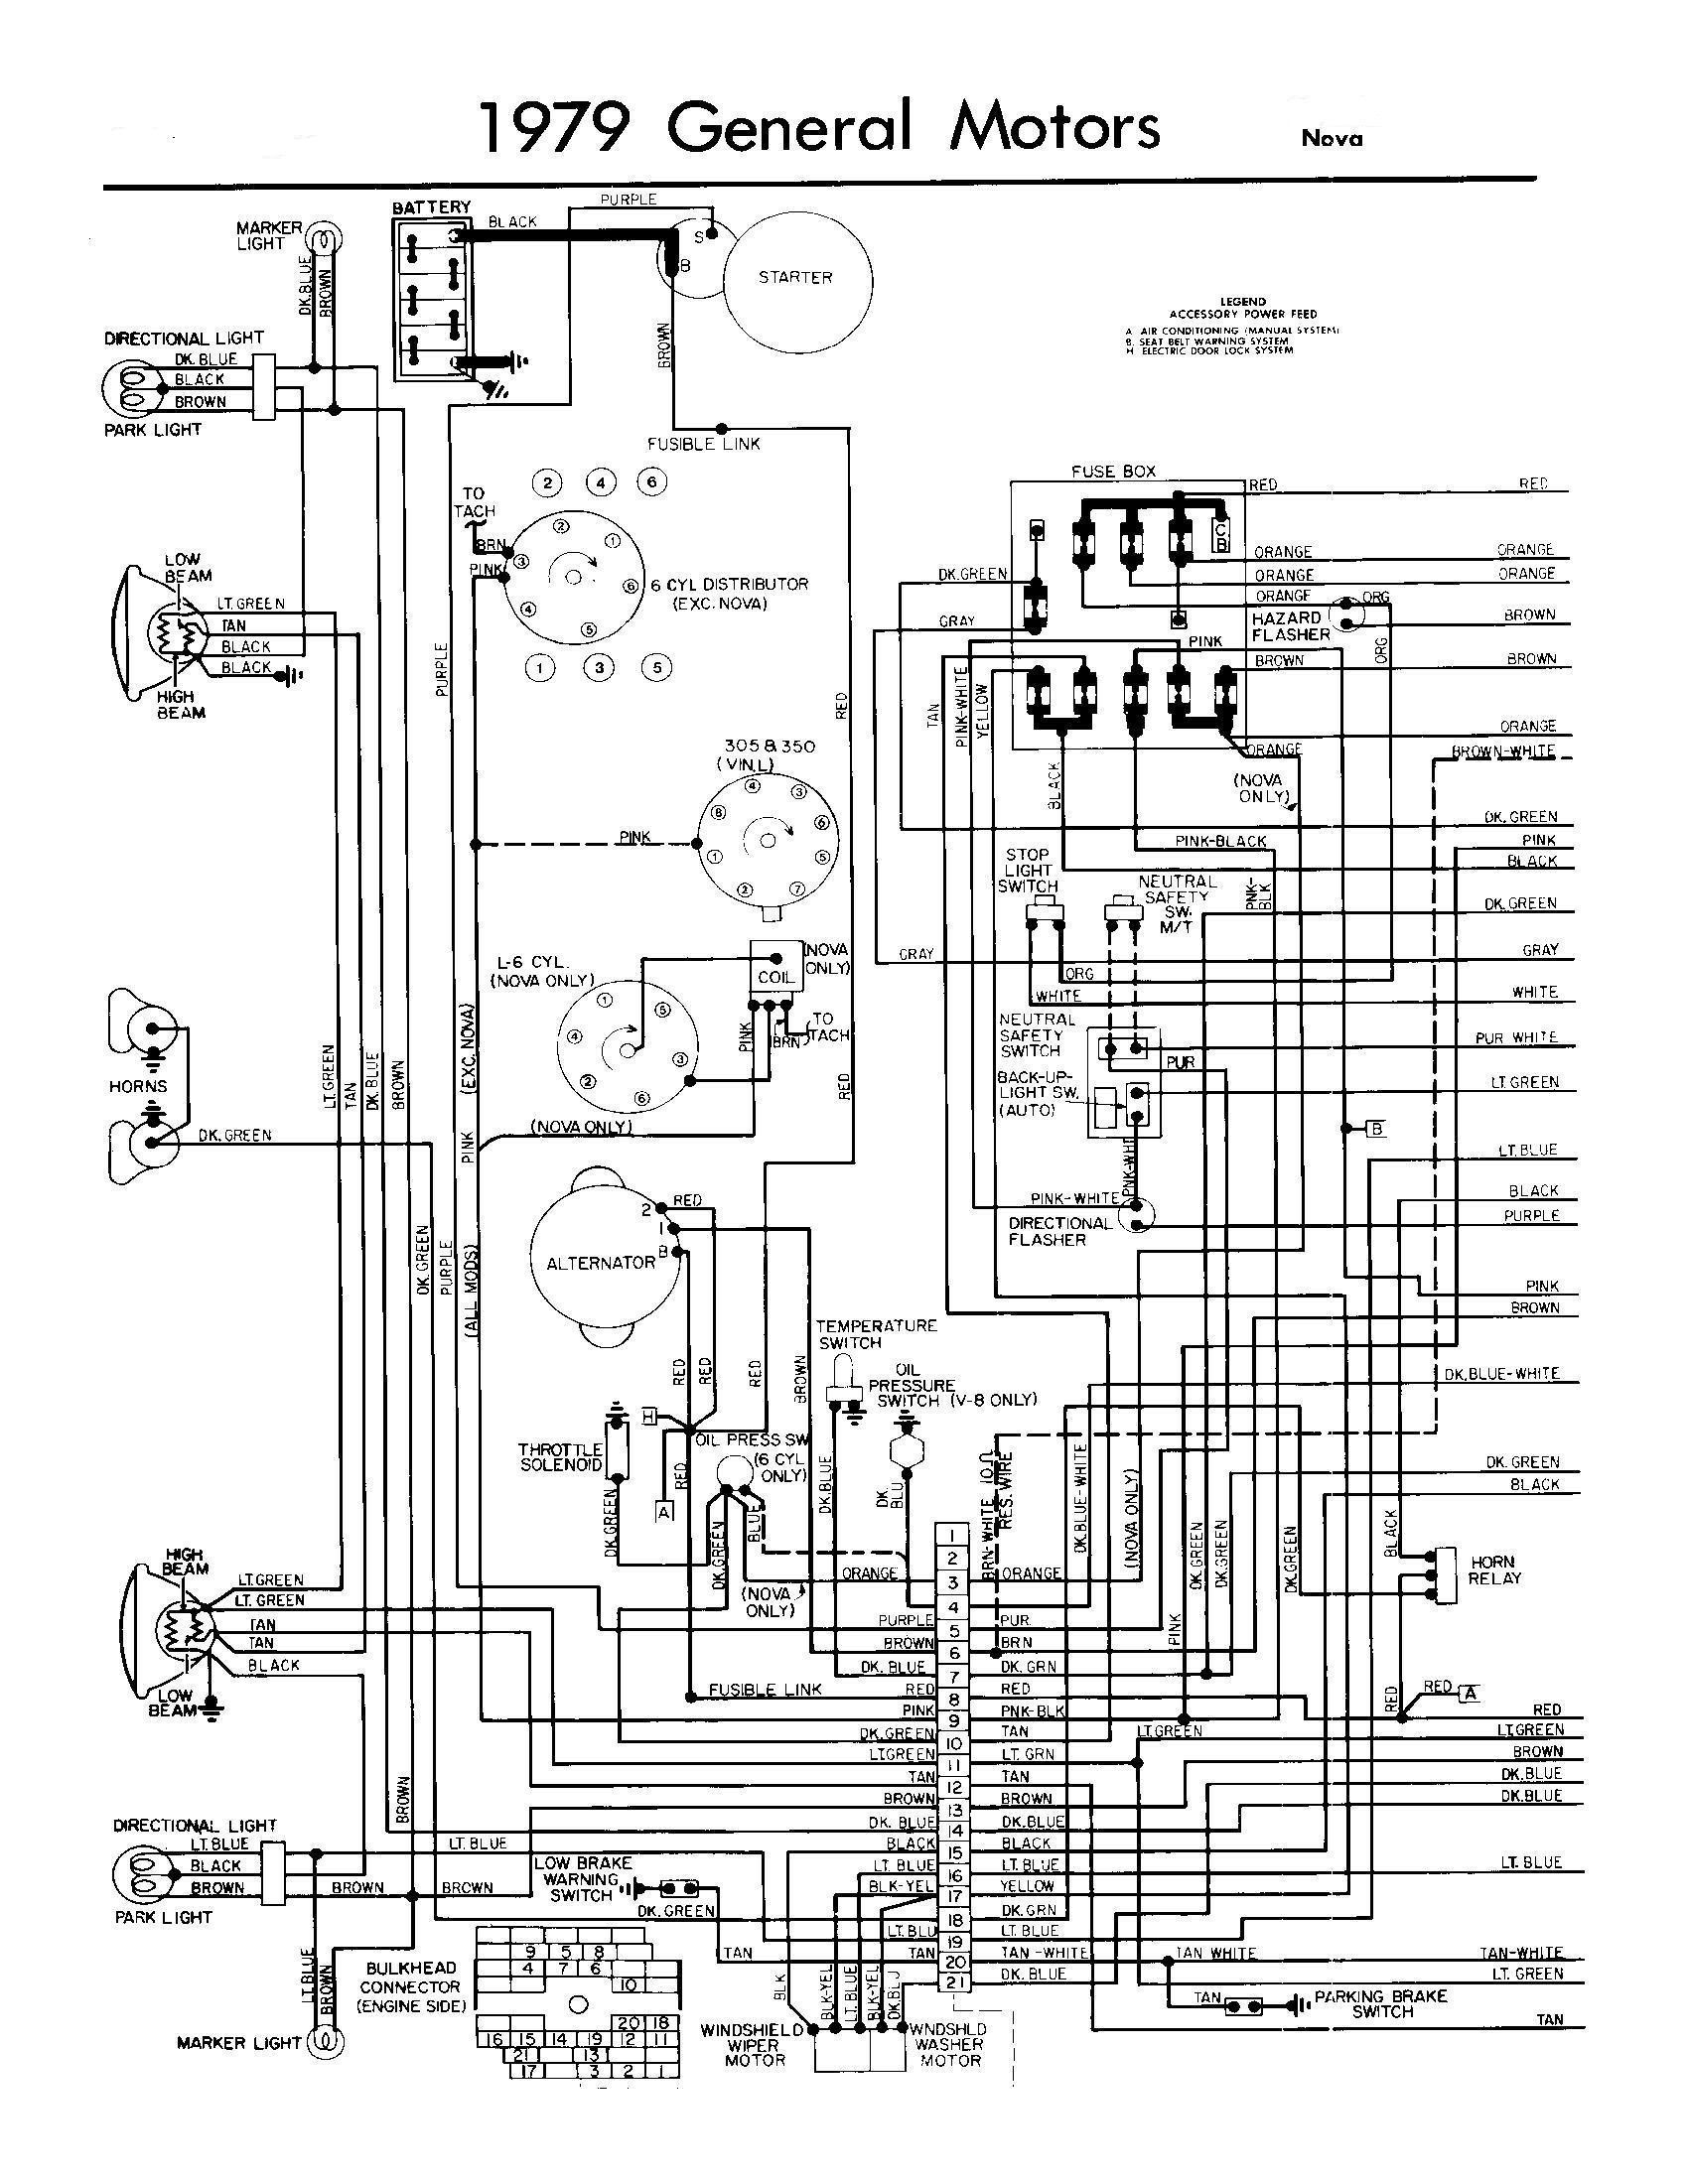 2005 Gmc Sierra Wiring Diagram All Generation Wiring Schematics Chevy Nova  forum Of 2005 Gmc Sierra